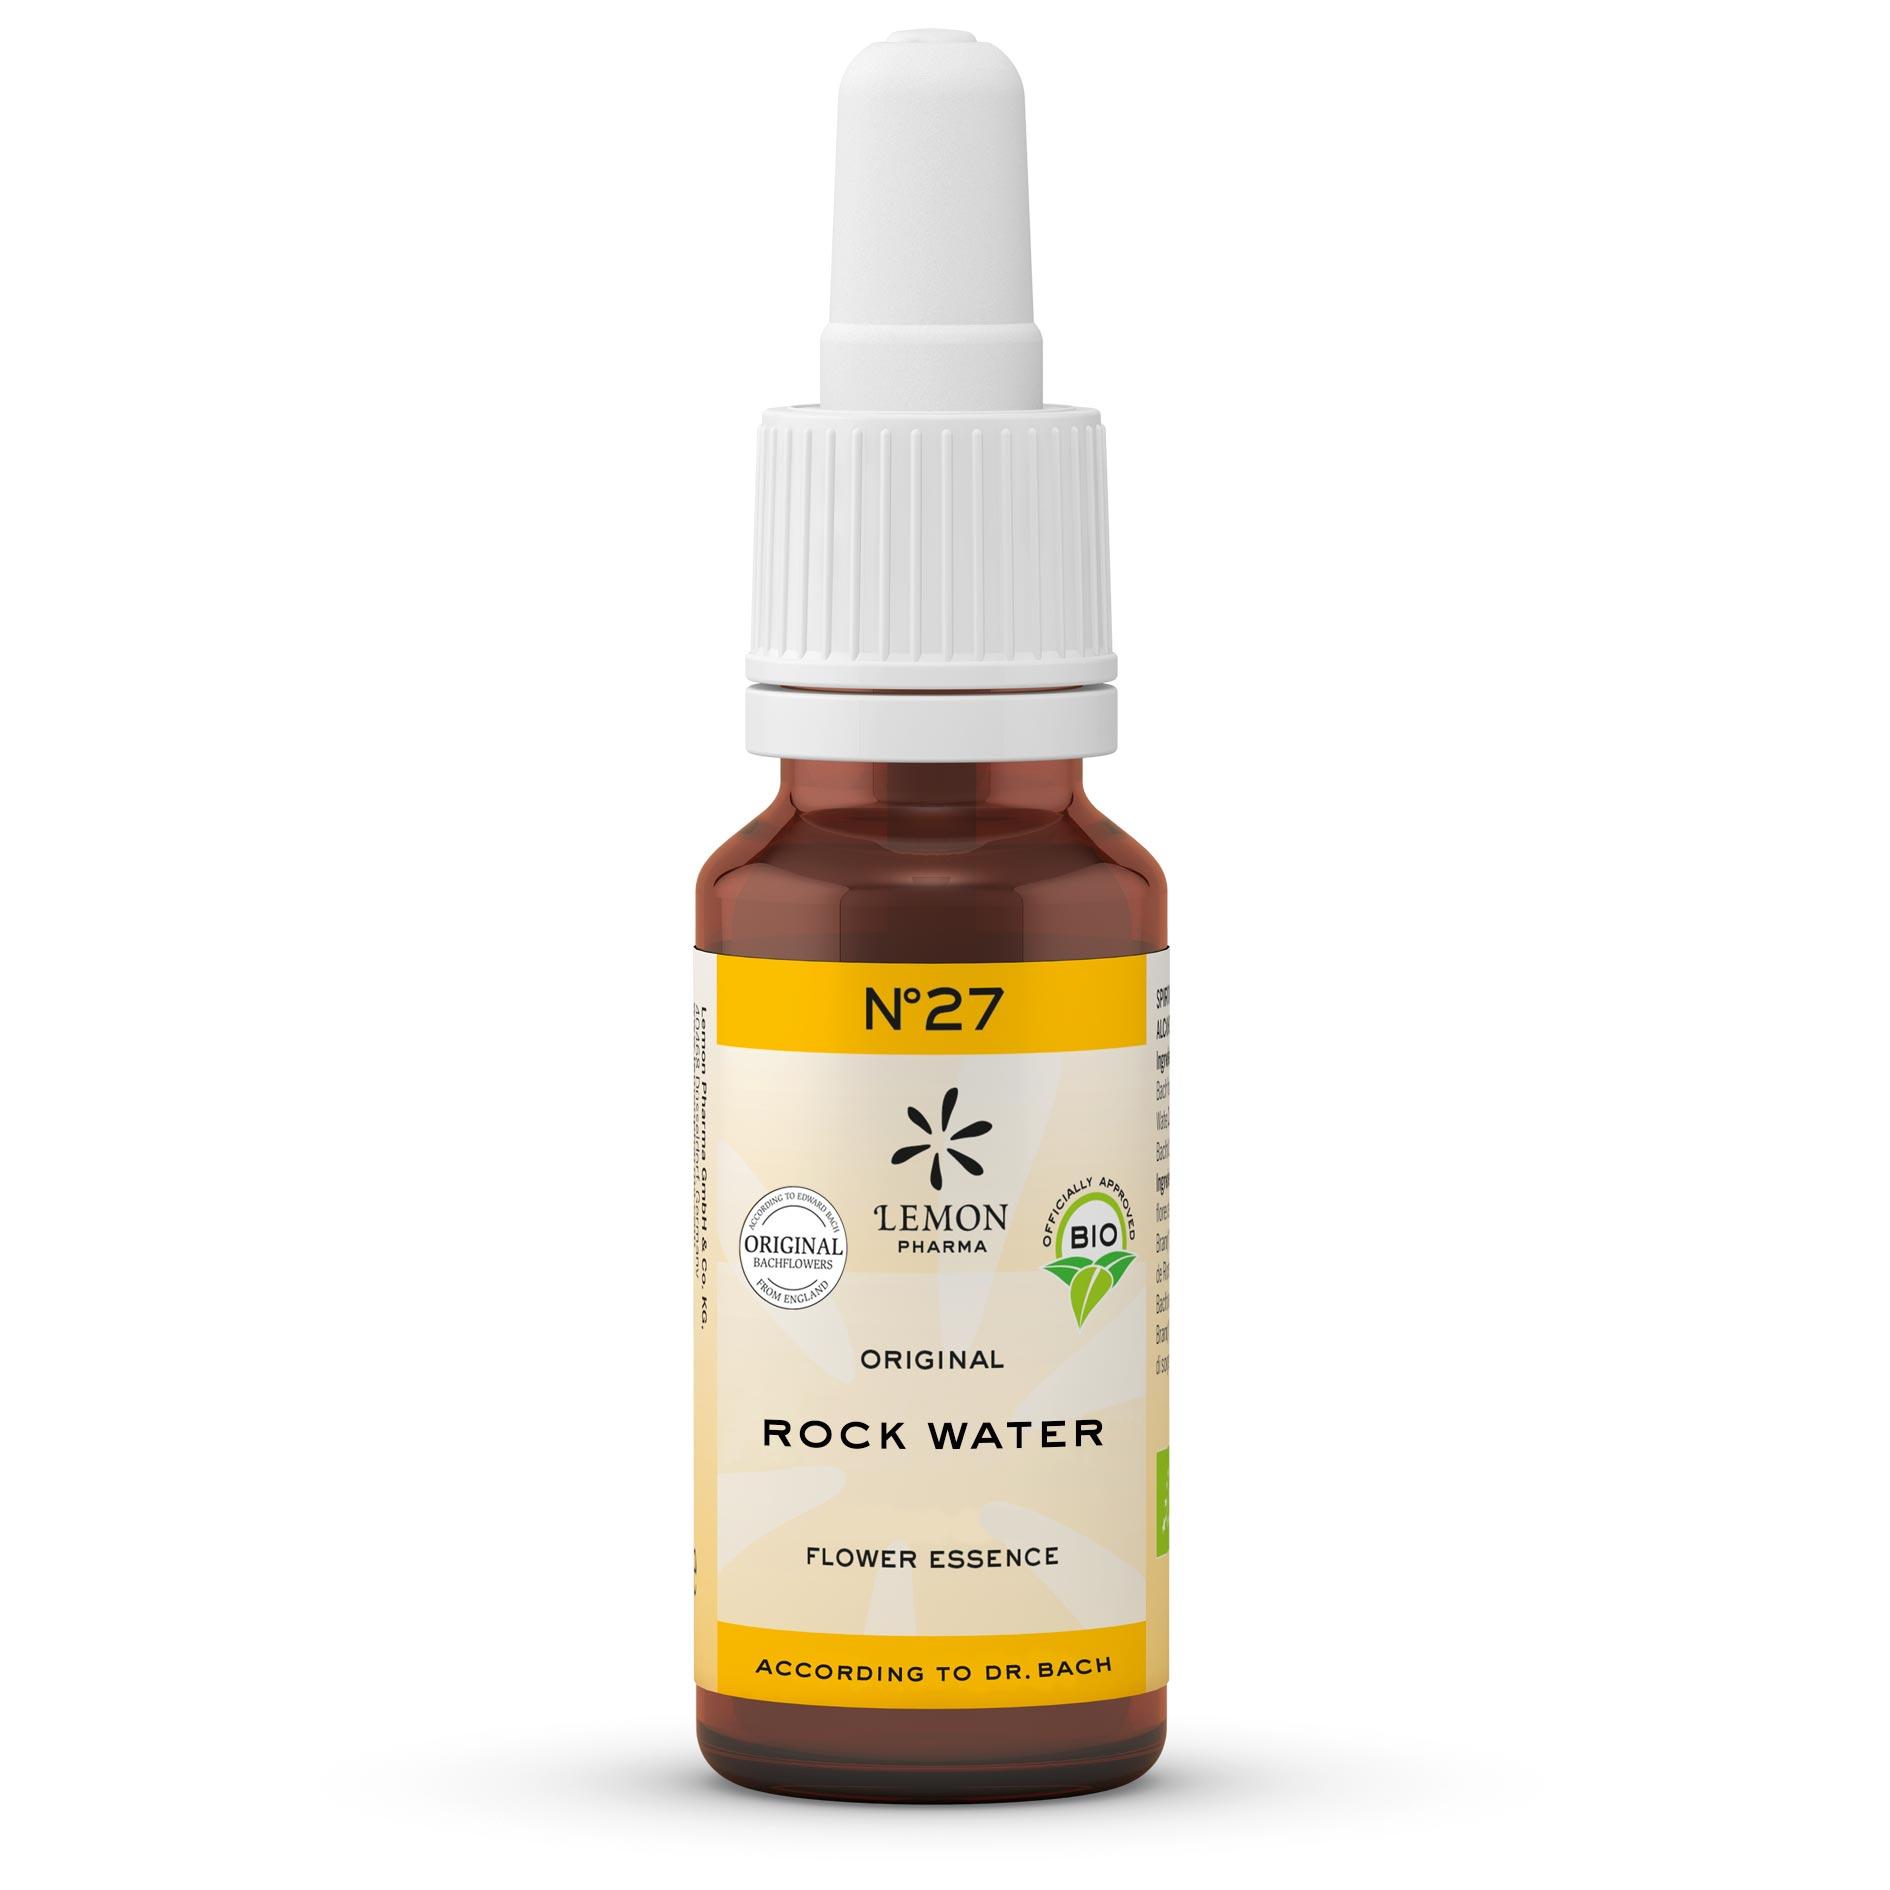 Gotas Flores de Bach Lemon Pharma Original Nº 27 Rock Water Agua de Roca Ligereza